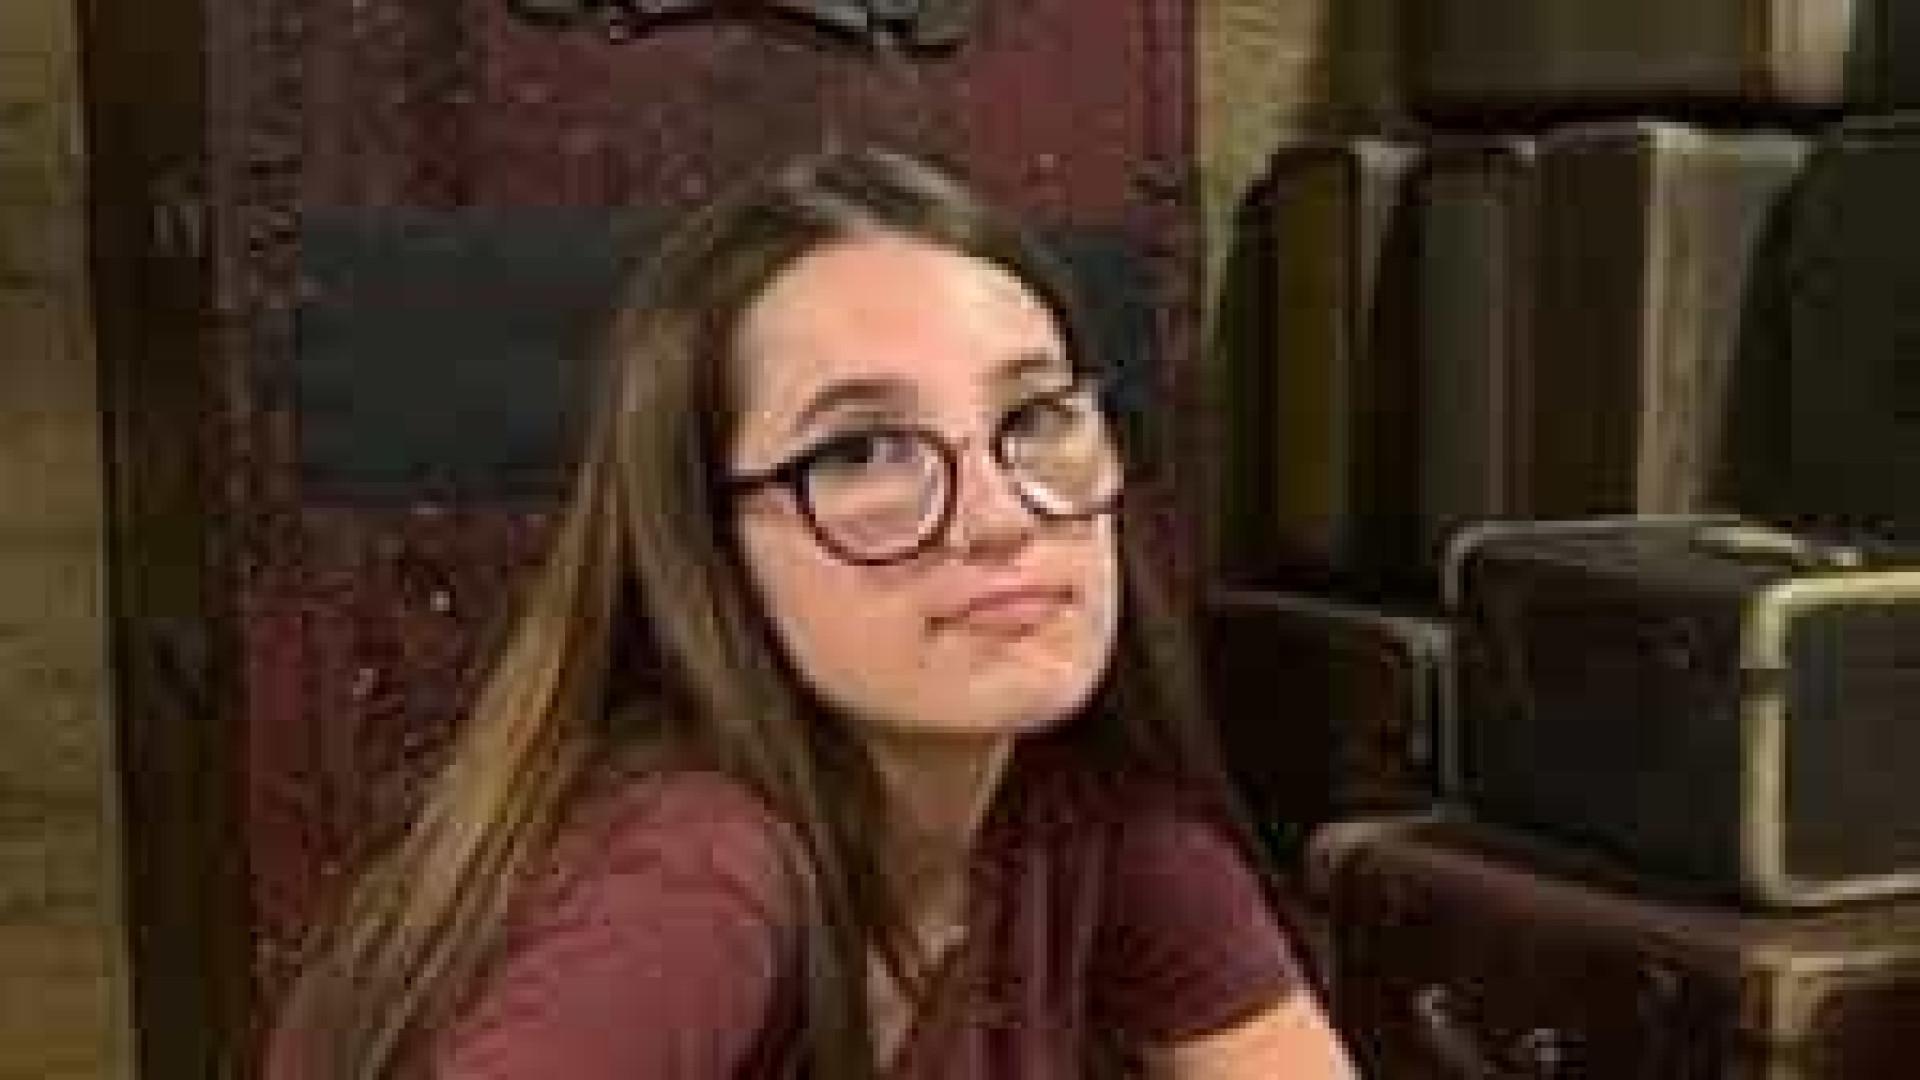 Juiz mantém internada adolescente envolvida em disparo que matou amiga